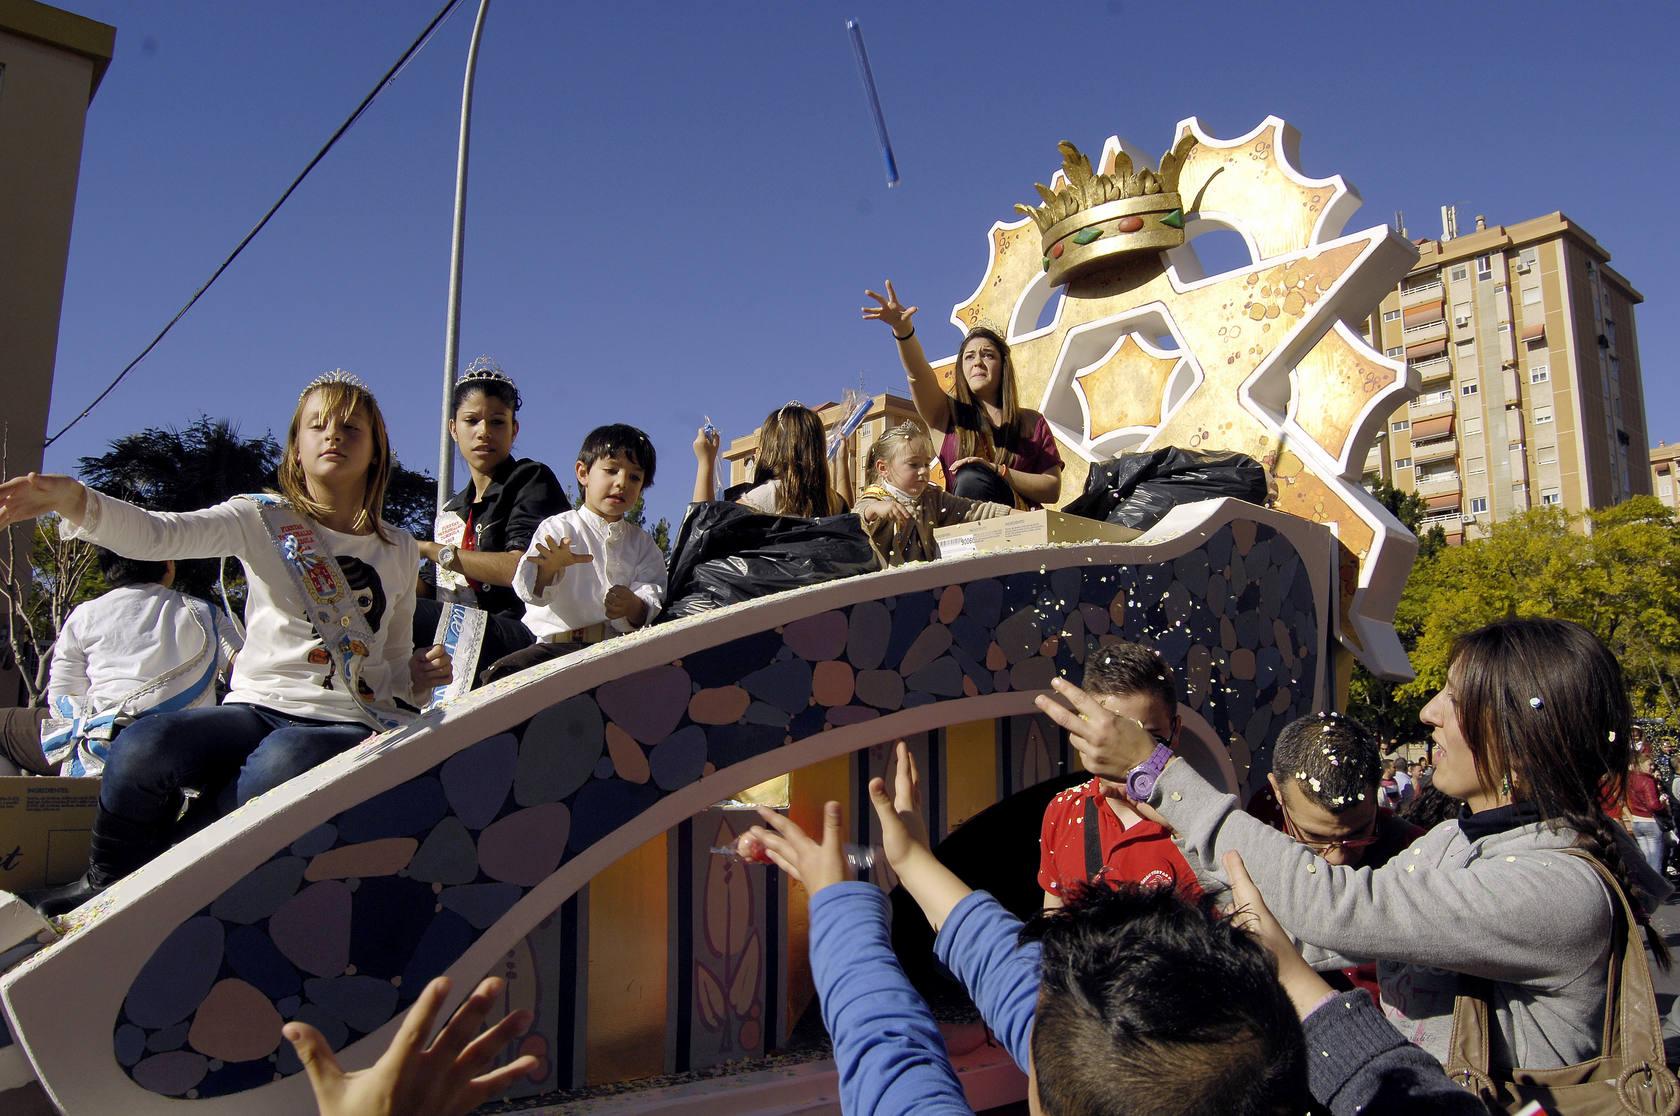 Cabalgata de los Reyes Magos en el barrio de Tómbola